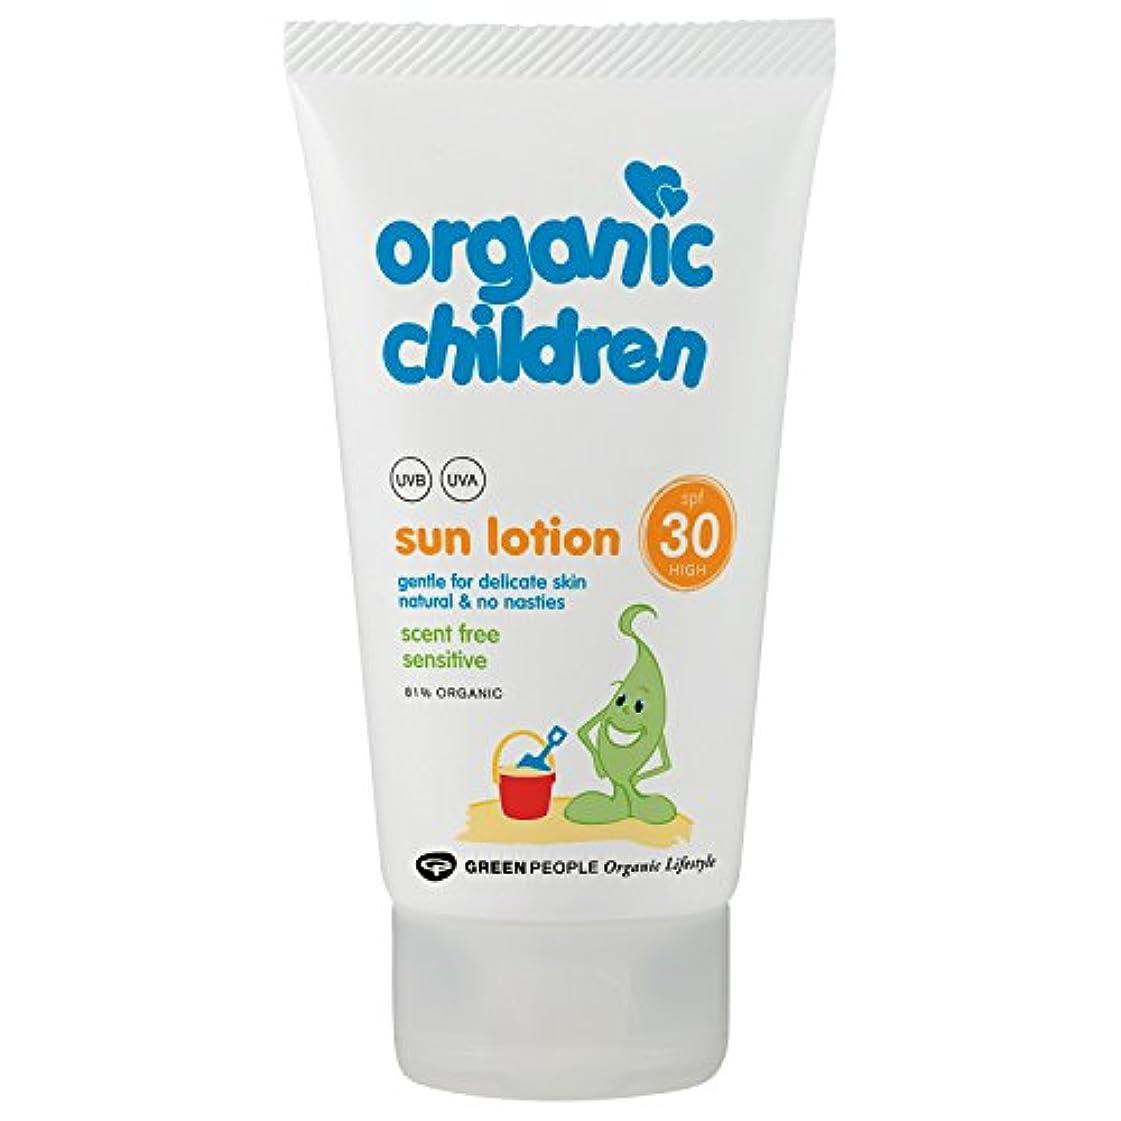 船上口認可有機子どもたちは30日のローション150グラムを x2 - Organic Children SPF 30 Sun Lotion 150g (Pack of 2) [並行輸入品]